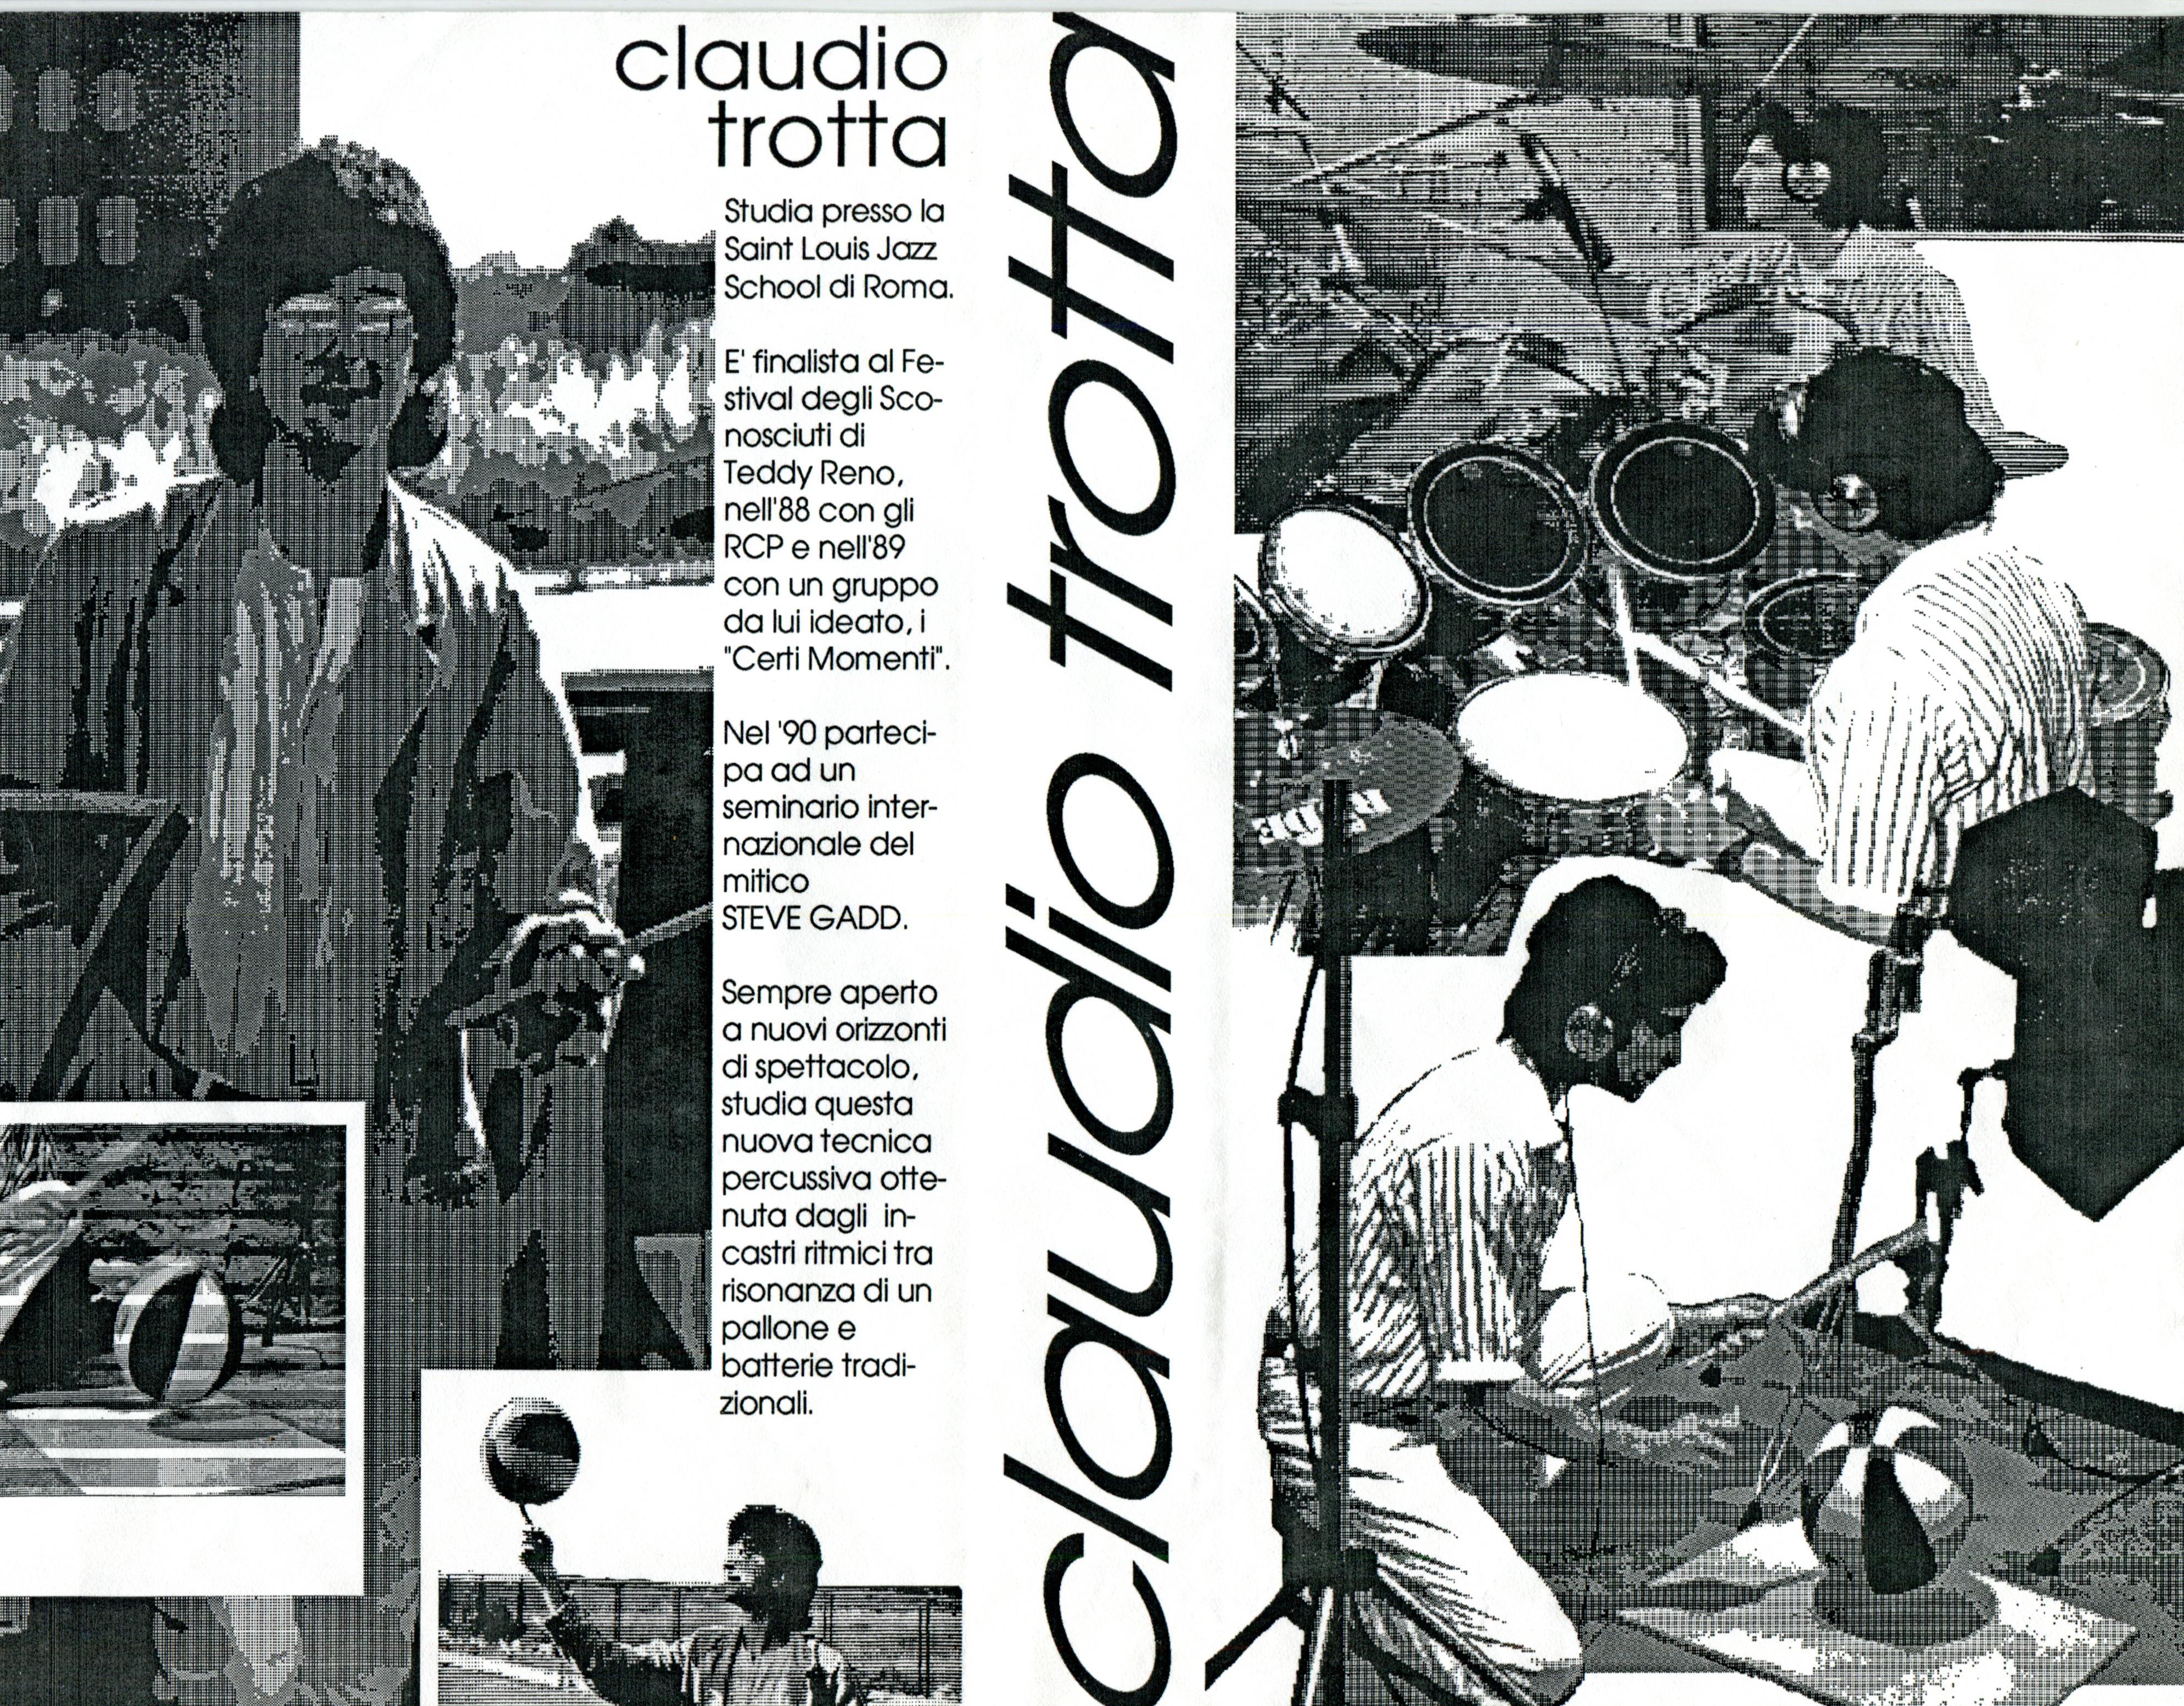 cv-Claudio-Trotta-1 Claudio Trotta (Clatro)